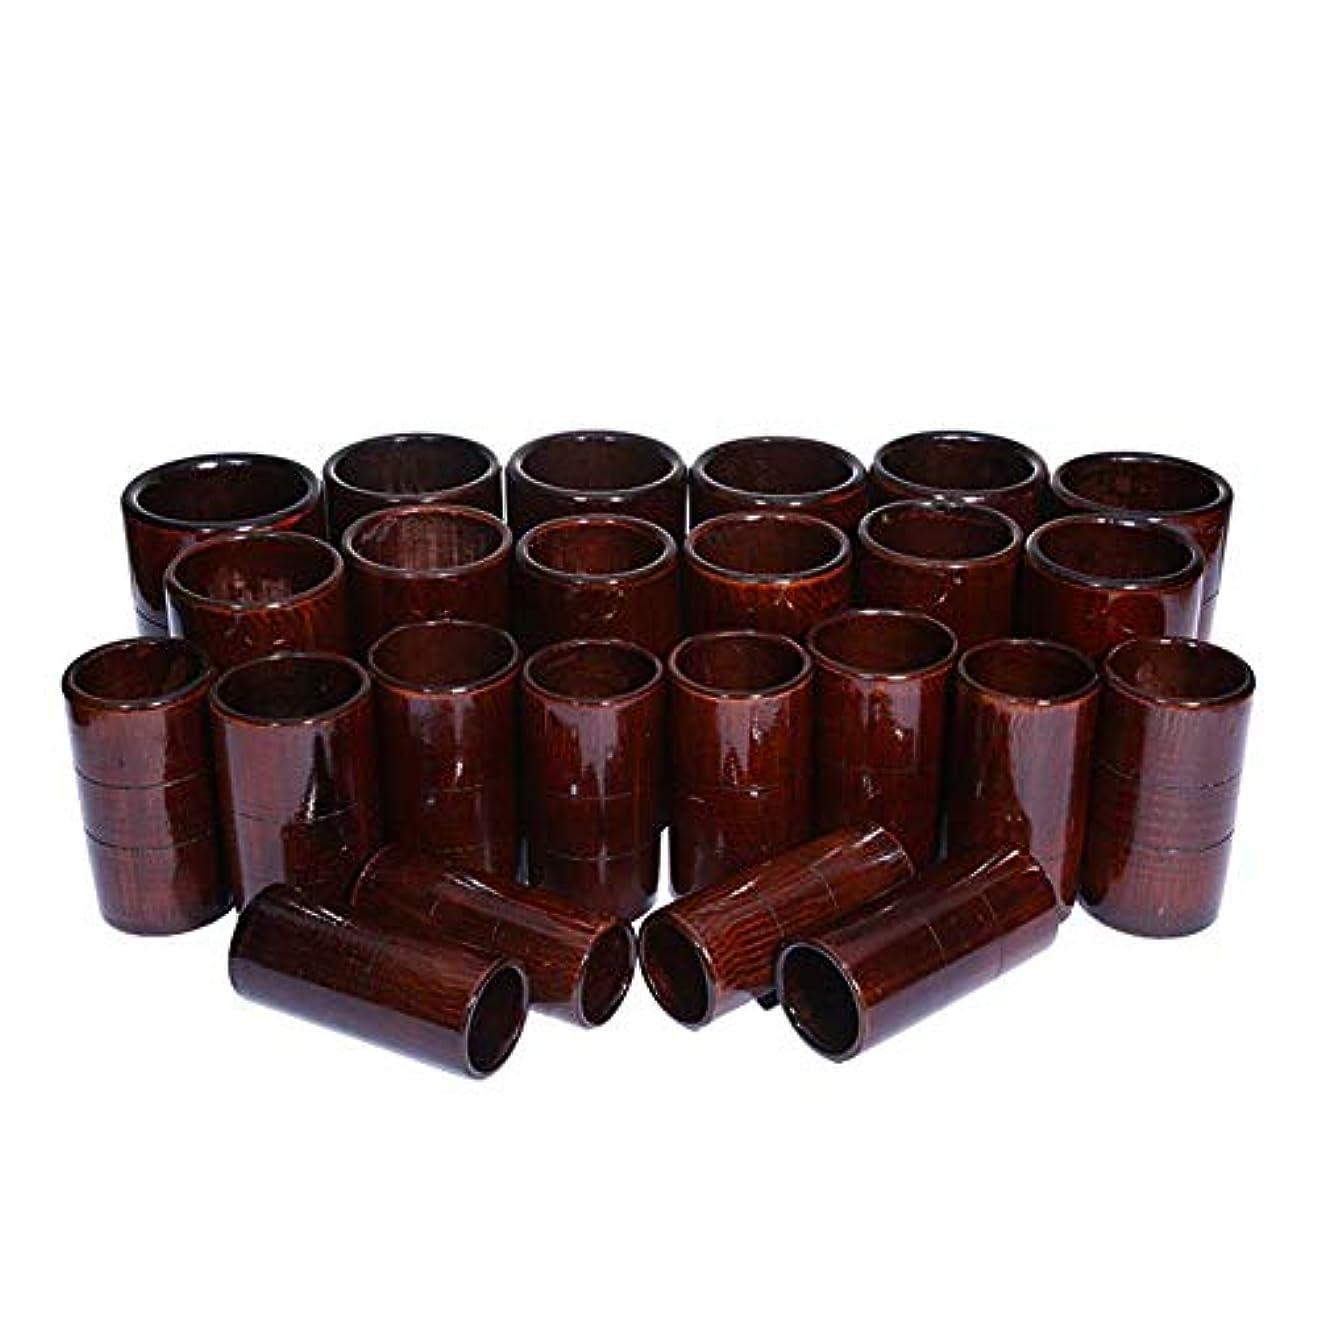 一般的に未使用体操選手竹鍼治療セット - 炭缶ボディ医療吸引セット - カッピングマッサージバキュームカップ,D24pcs